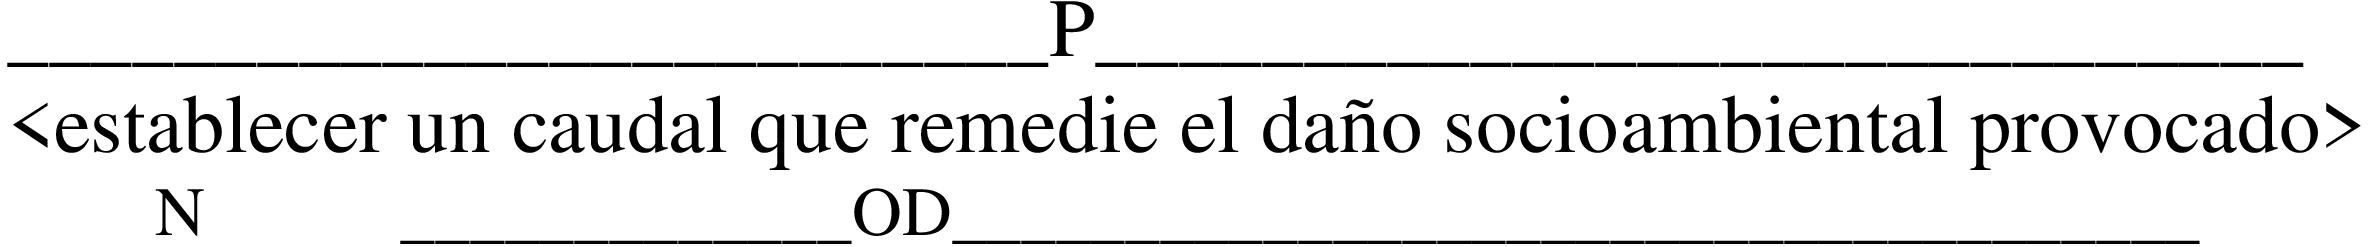 oración-sin-tit-3-cap-3_c